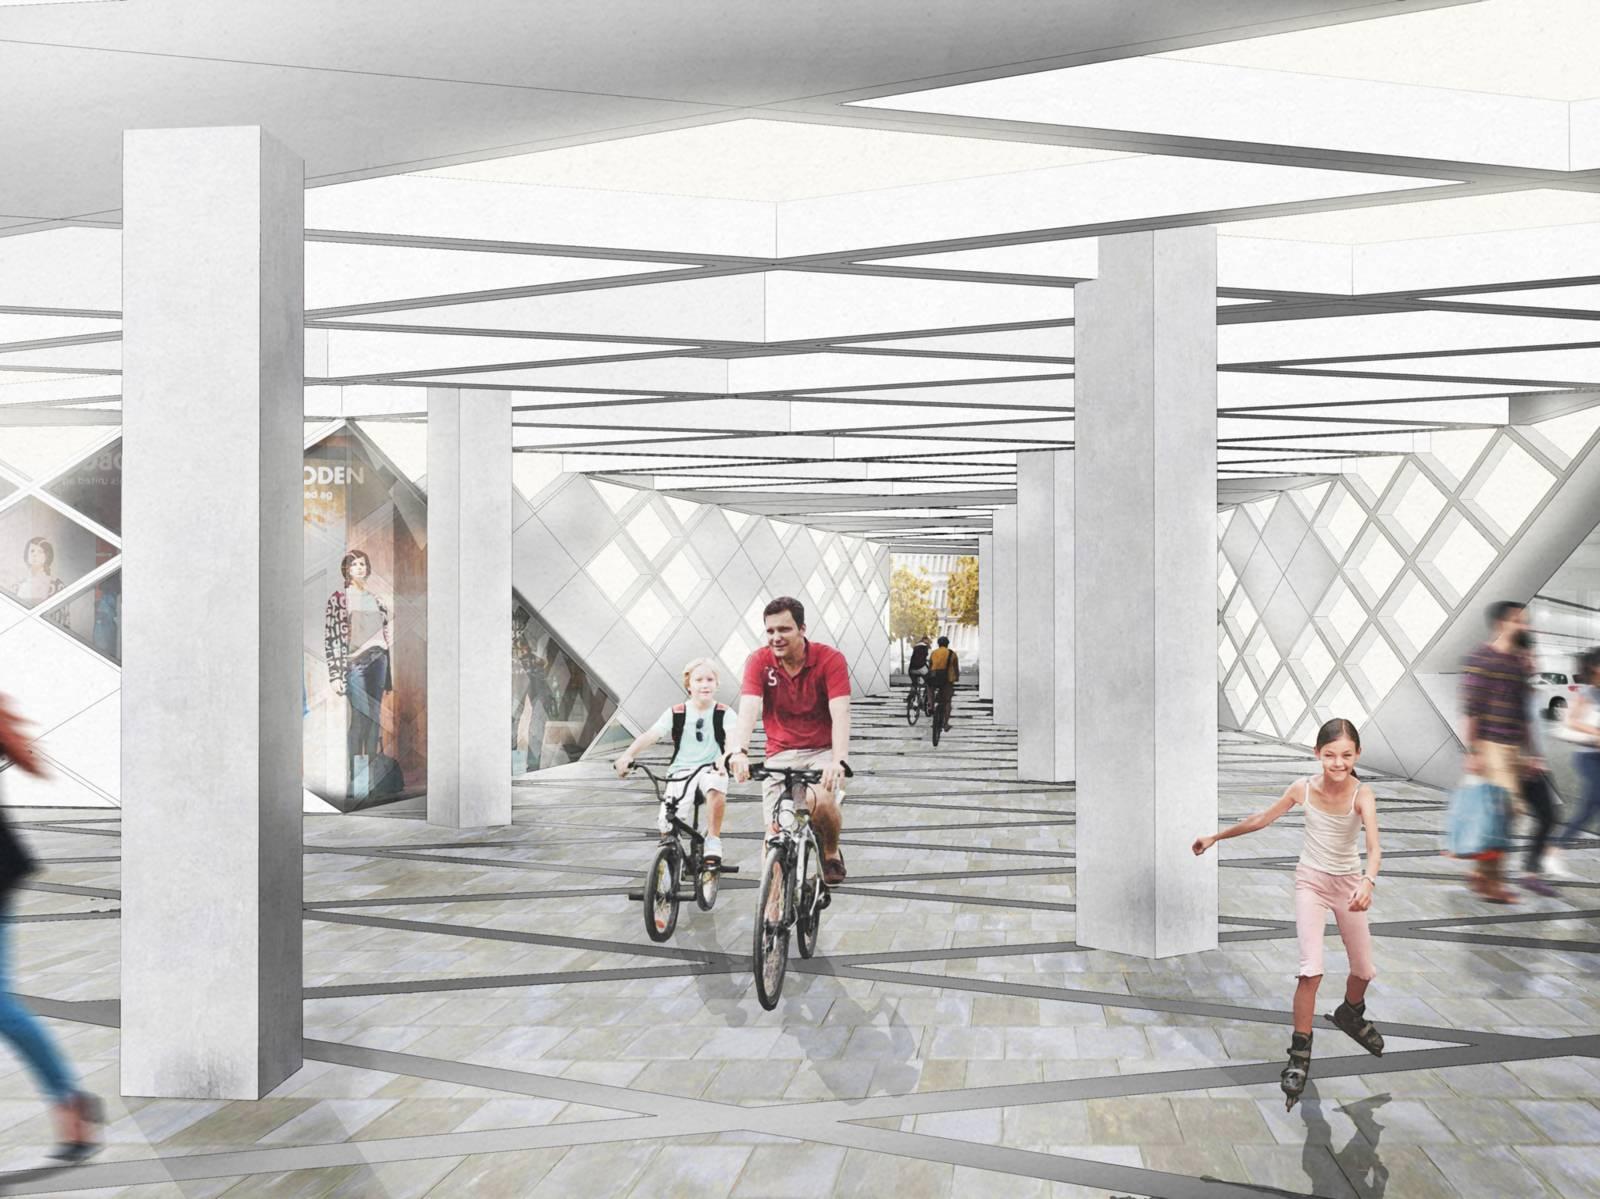 Visualisierung, die Menschen zu Fuß und auf Rädern, in einem hellen Tunnel zeigt.